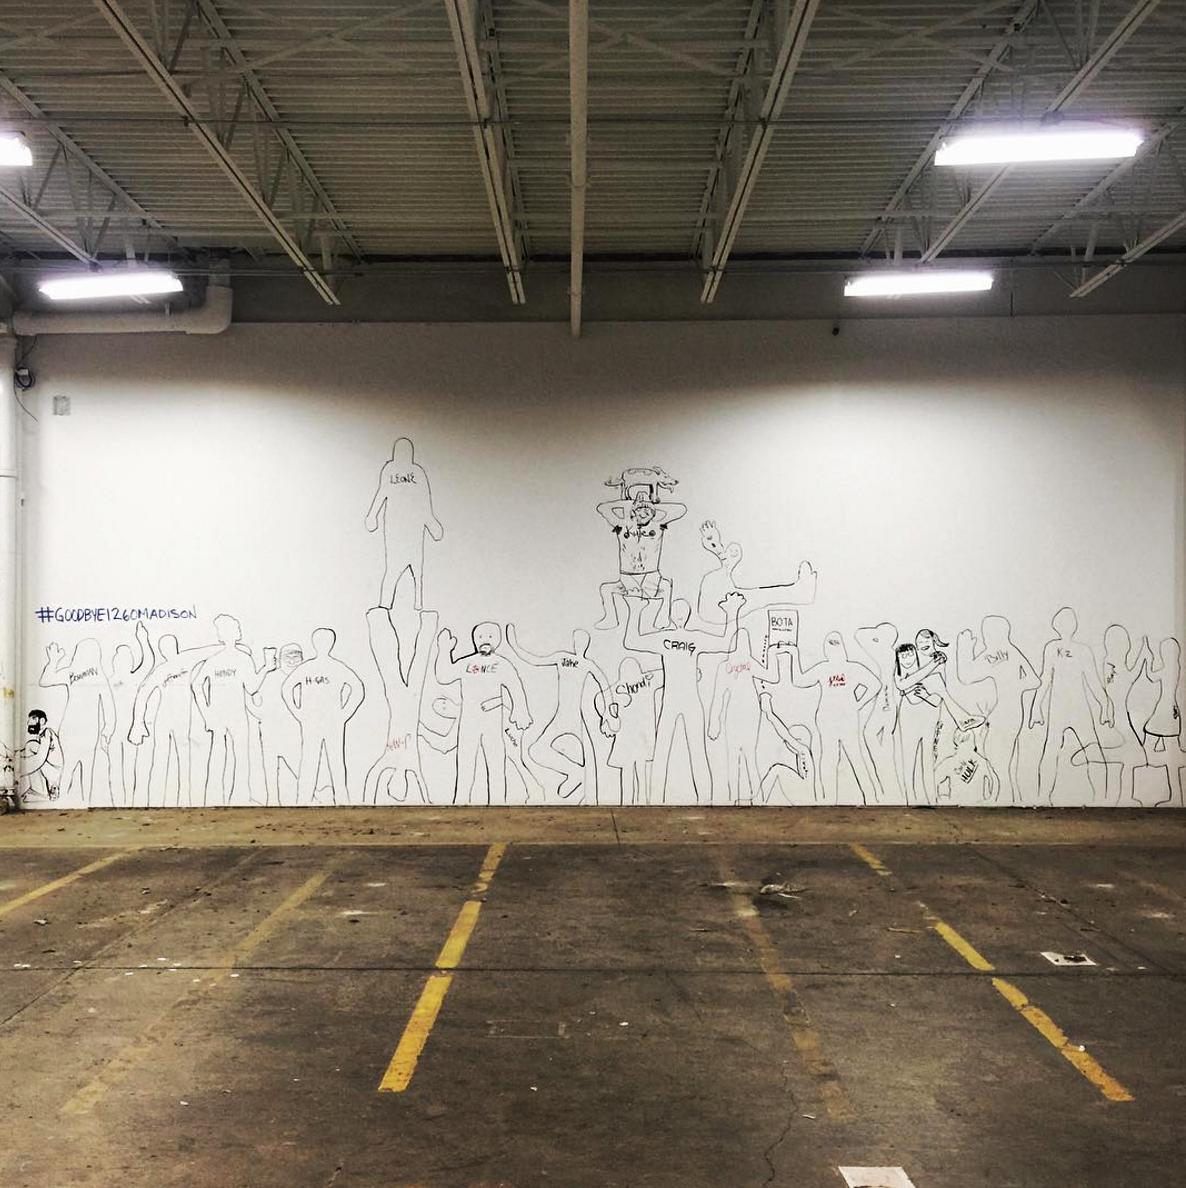 ourabode_mural